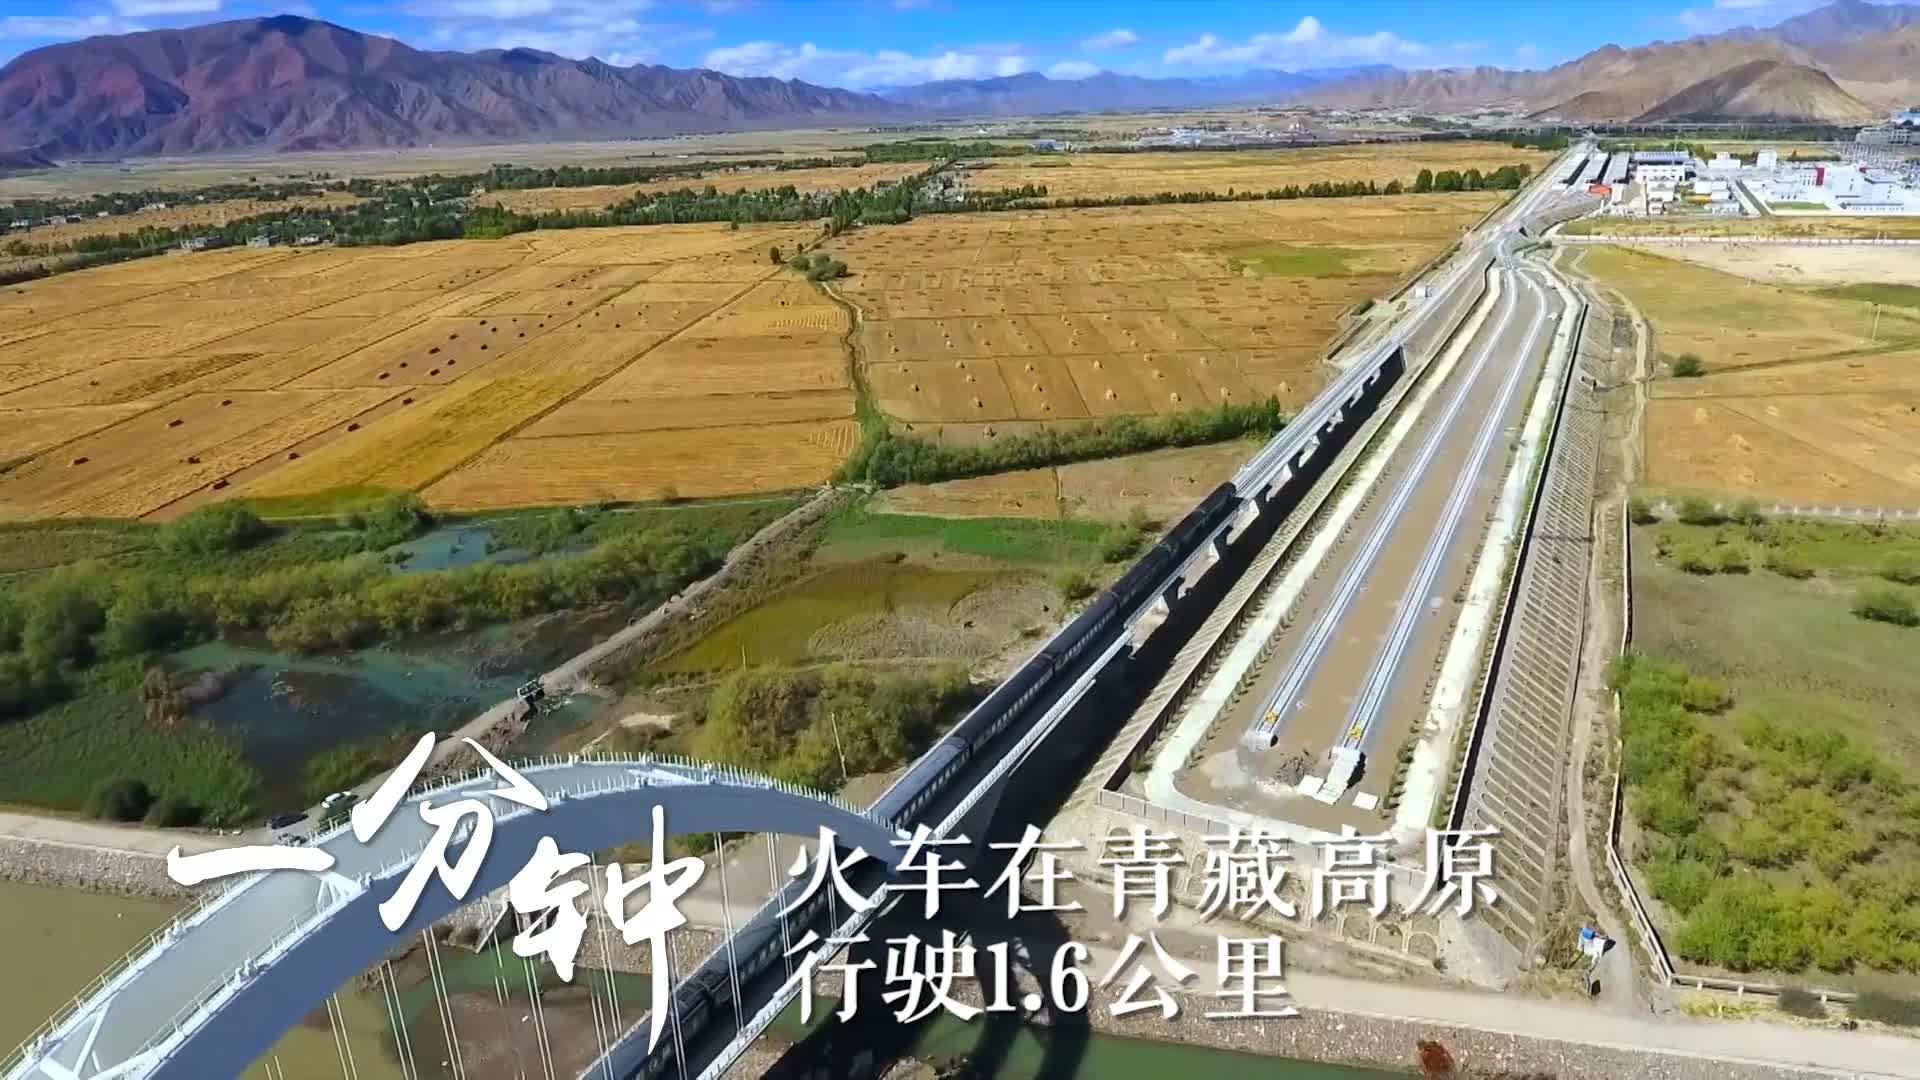 [视频]西藏一分钟